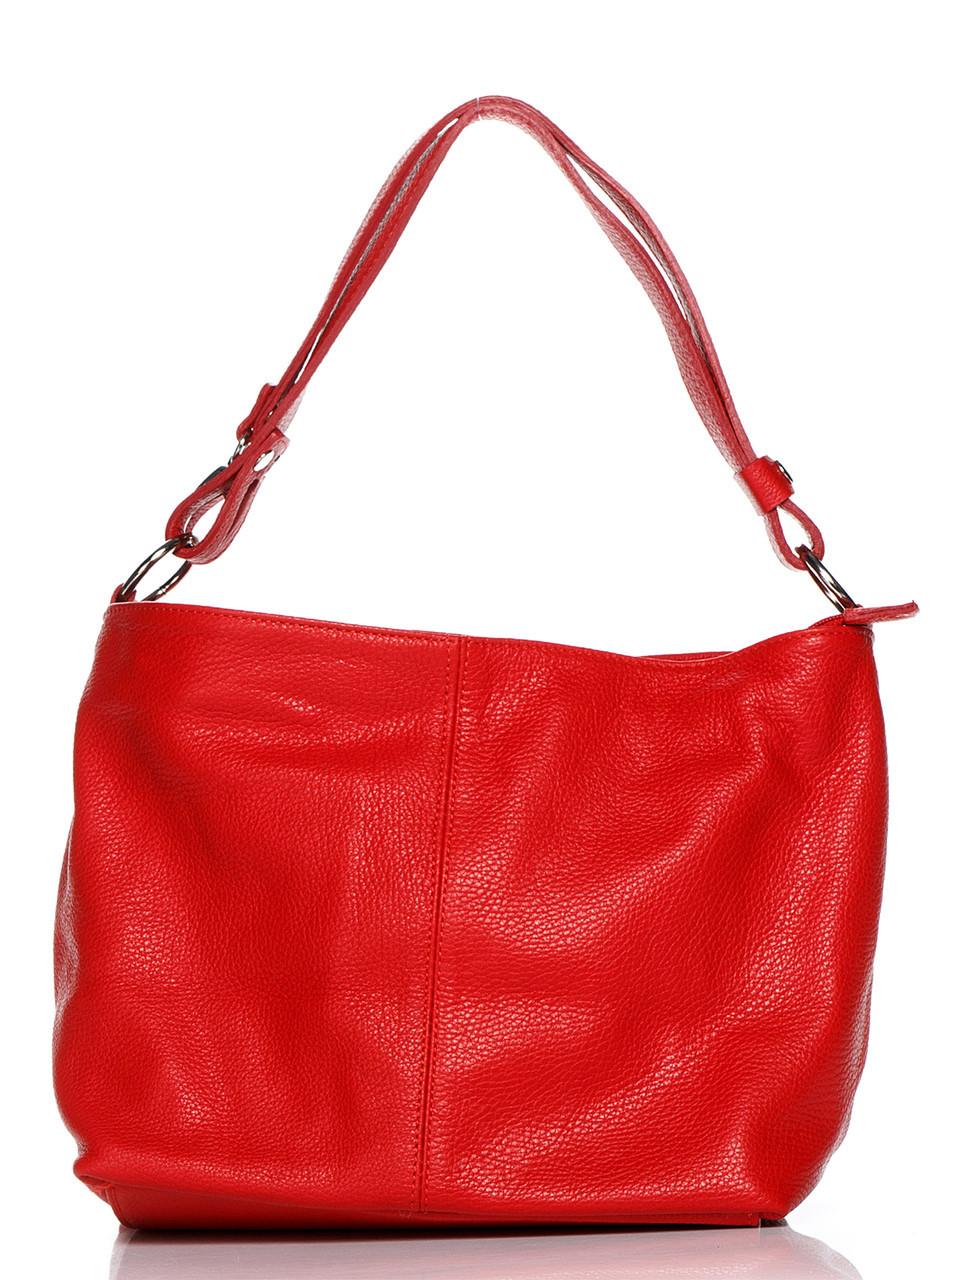 Красная кожаная сумка женская LORELLA Diva's Bag цвет красный 26 см - 24 см - 13 см